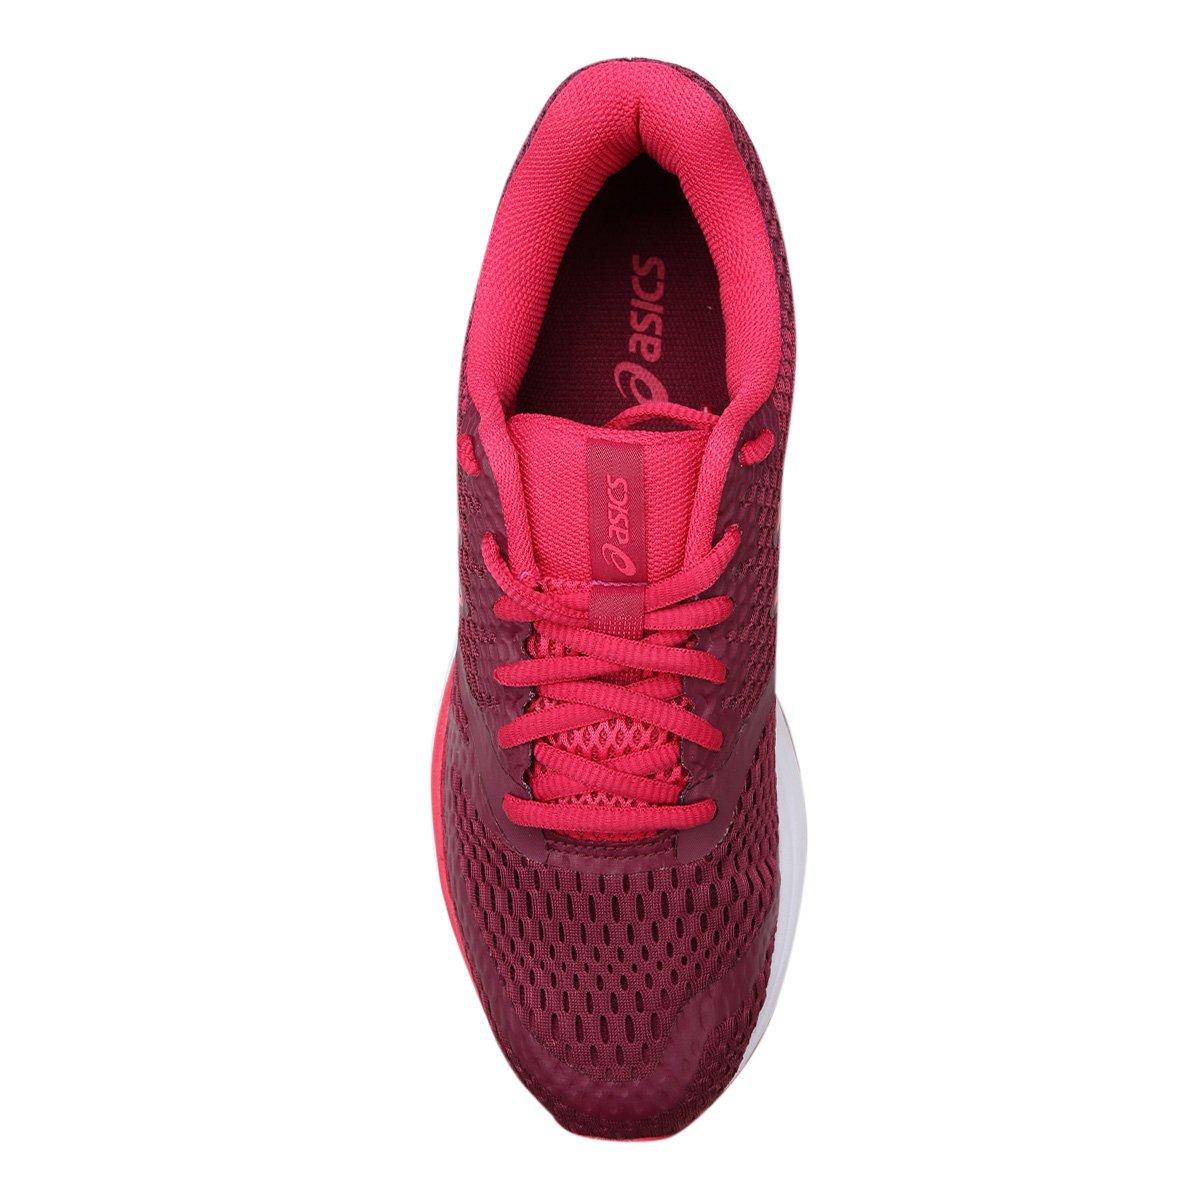 Tênis Asics Gel Pulse 10 Feminino - Rosa - Compre Agora  e7b5b0afa4349